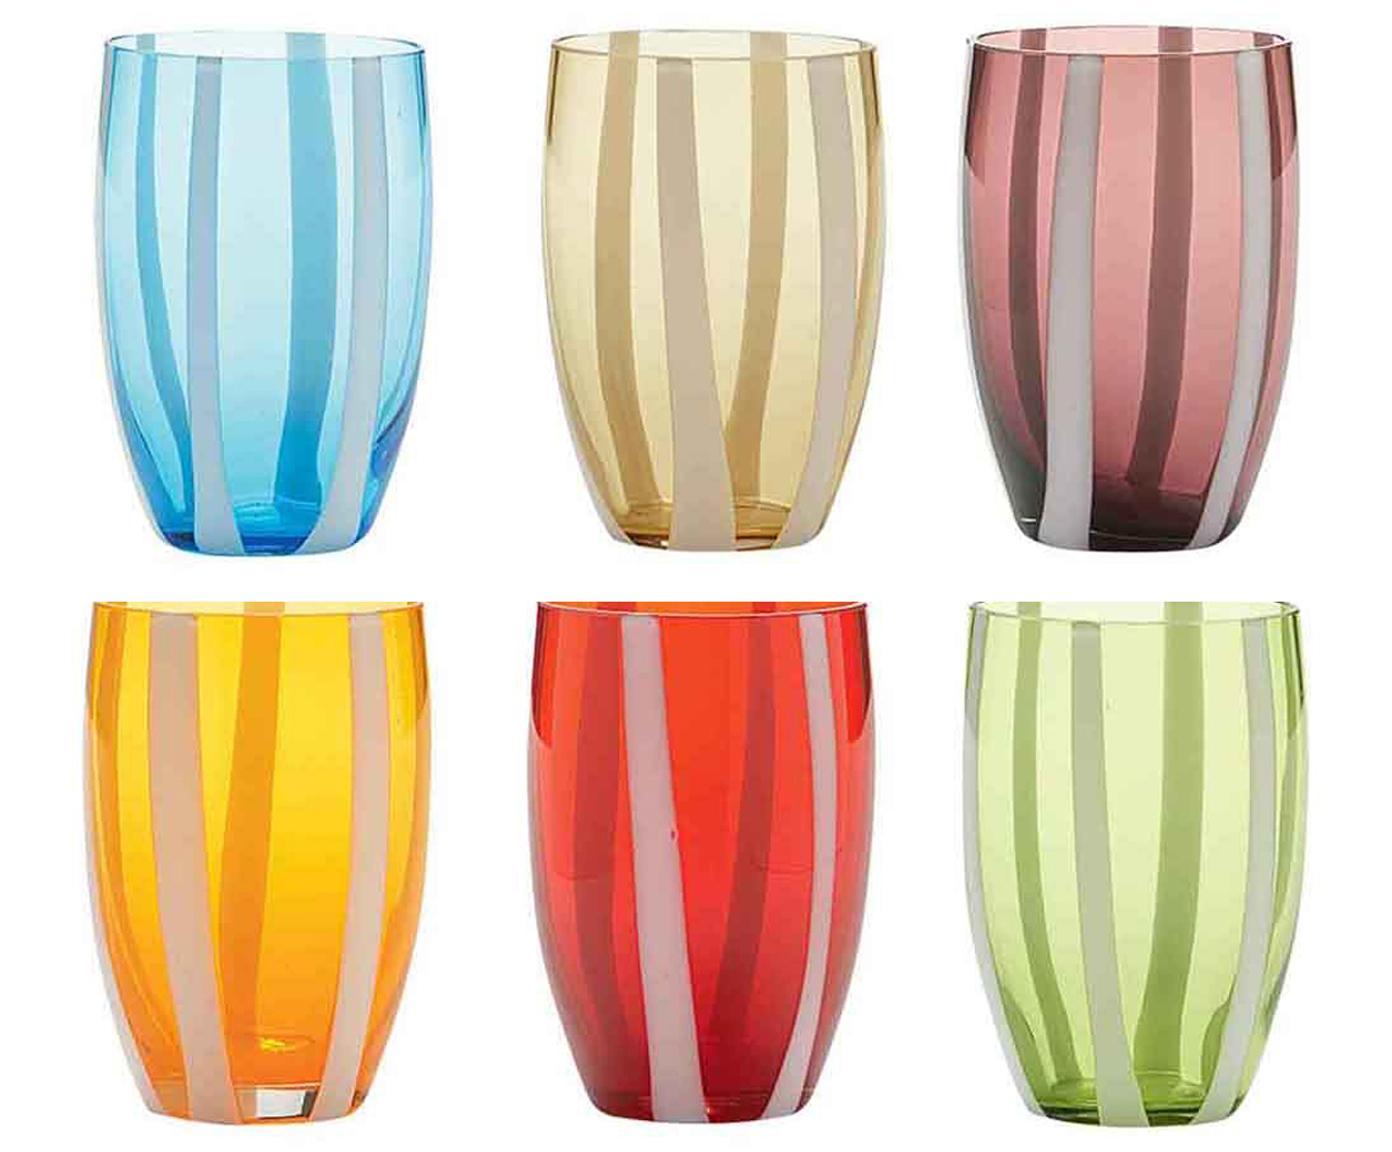 Bicchiere acqua in vetro soffiato Gessato, set di 6, Vetro, Bianco, acqua, ambra, rosa cipria, arancione, rosso, verde, Ø 7 x Alt. 11 cm